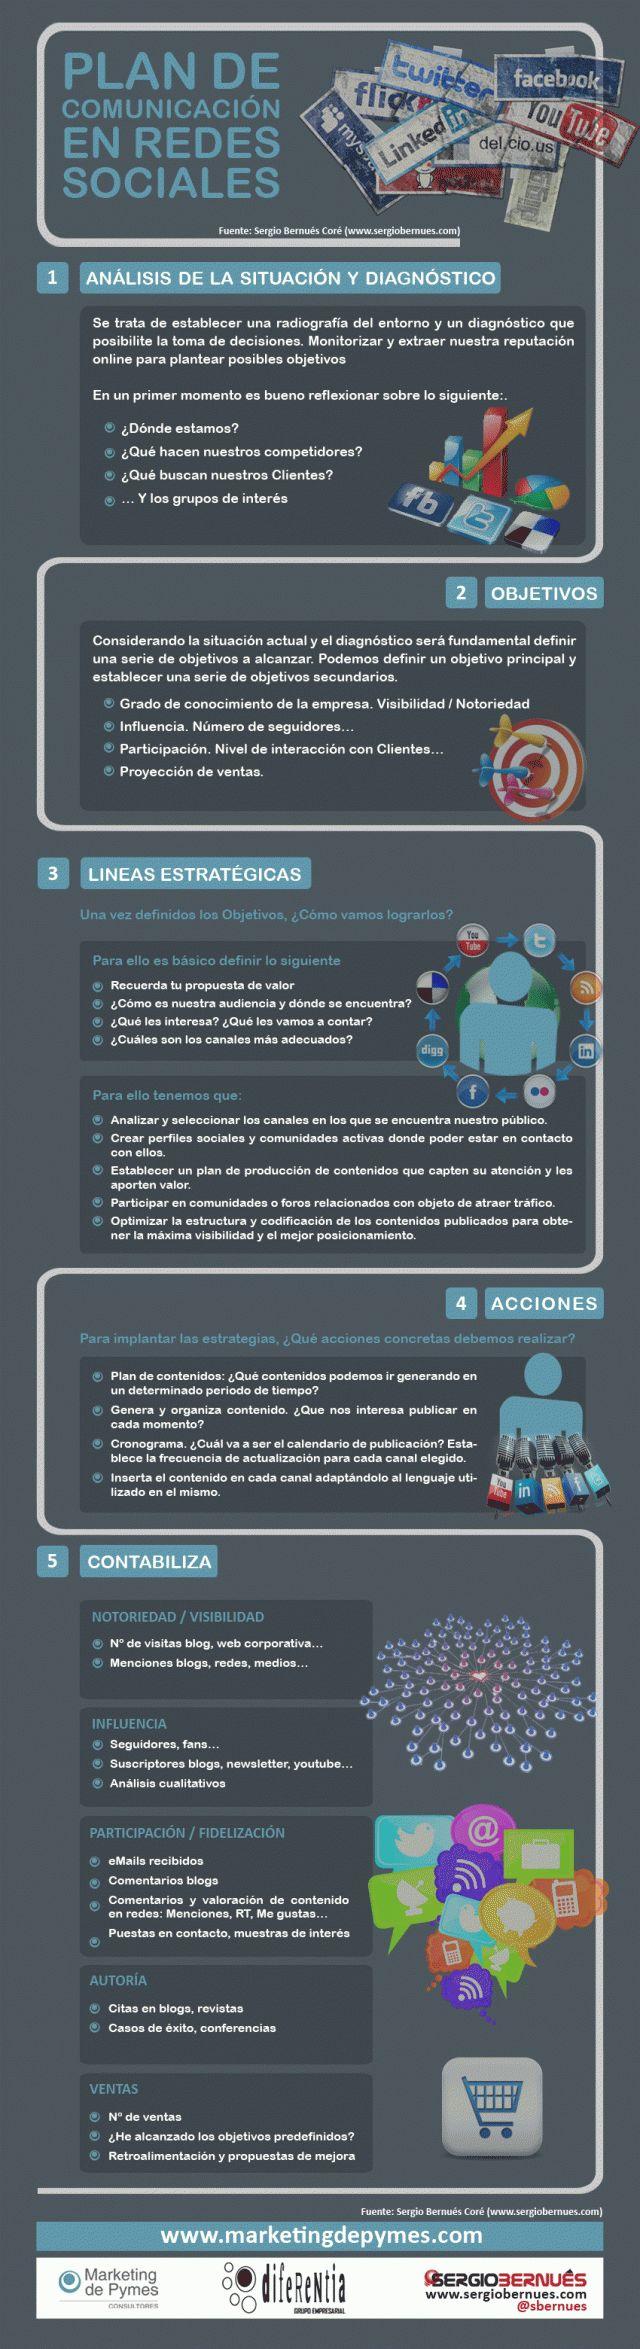 Algunas orientaciones para hacer un Plan de comunicación en Redes Sociales #infografia #socialmedia